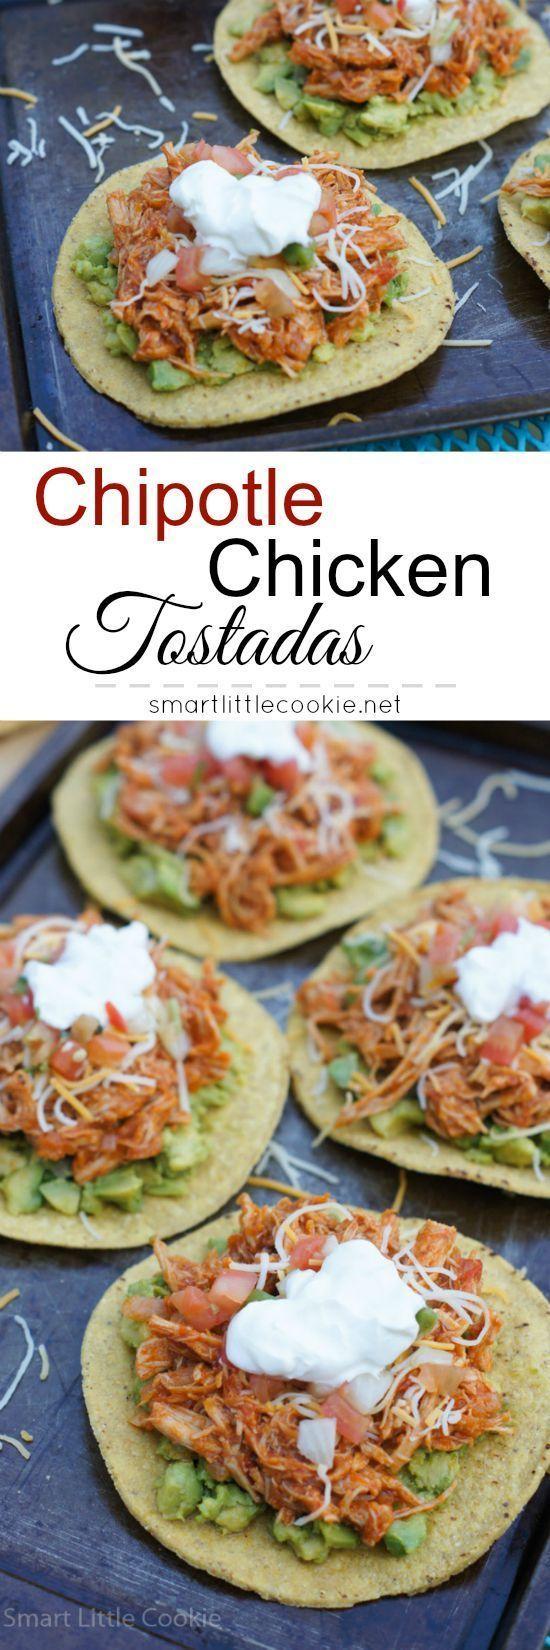 Chipotle Chicken Tostadas | smartlittlecookie... #VivaLaMorena #Ad